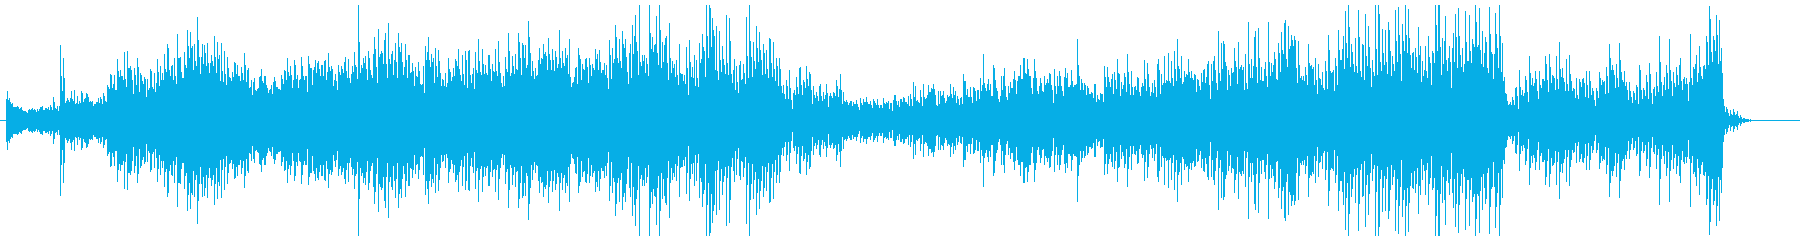 事件・潜入のイメージのスリリングなBGMの再生済みの波形